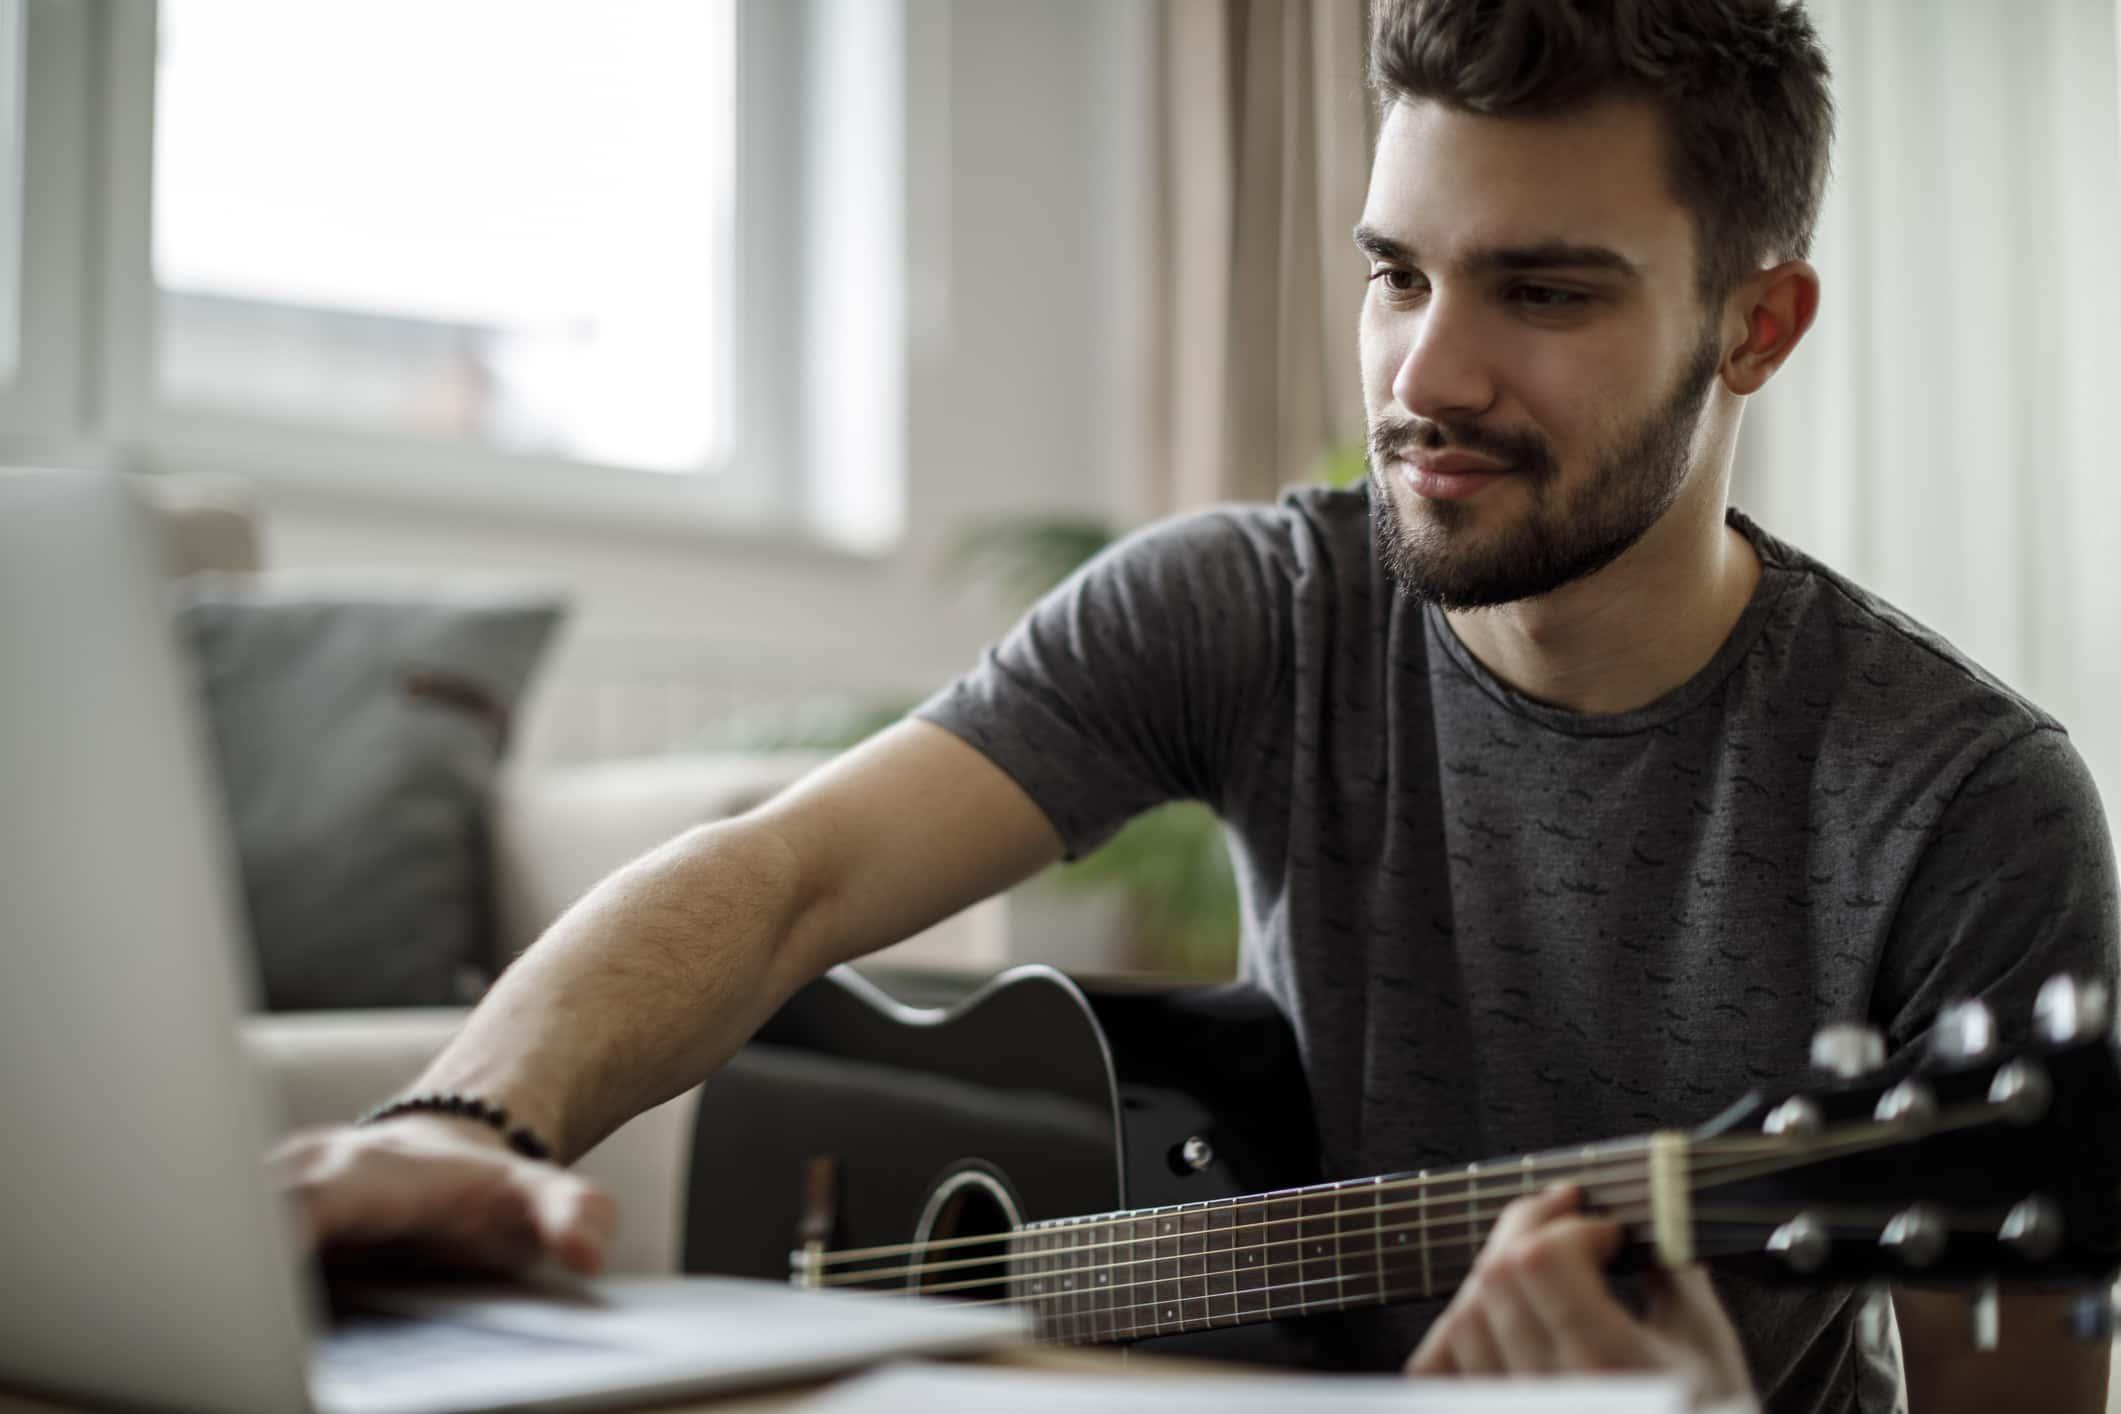 Guitar player teaching an online course